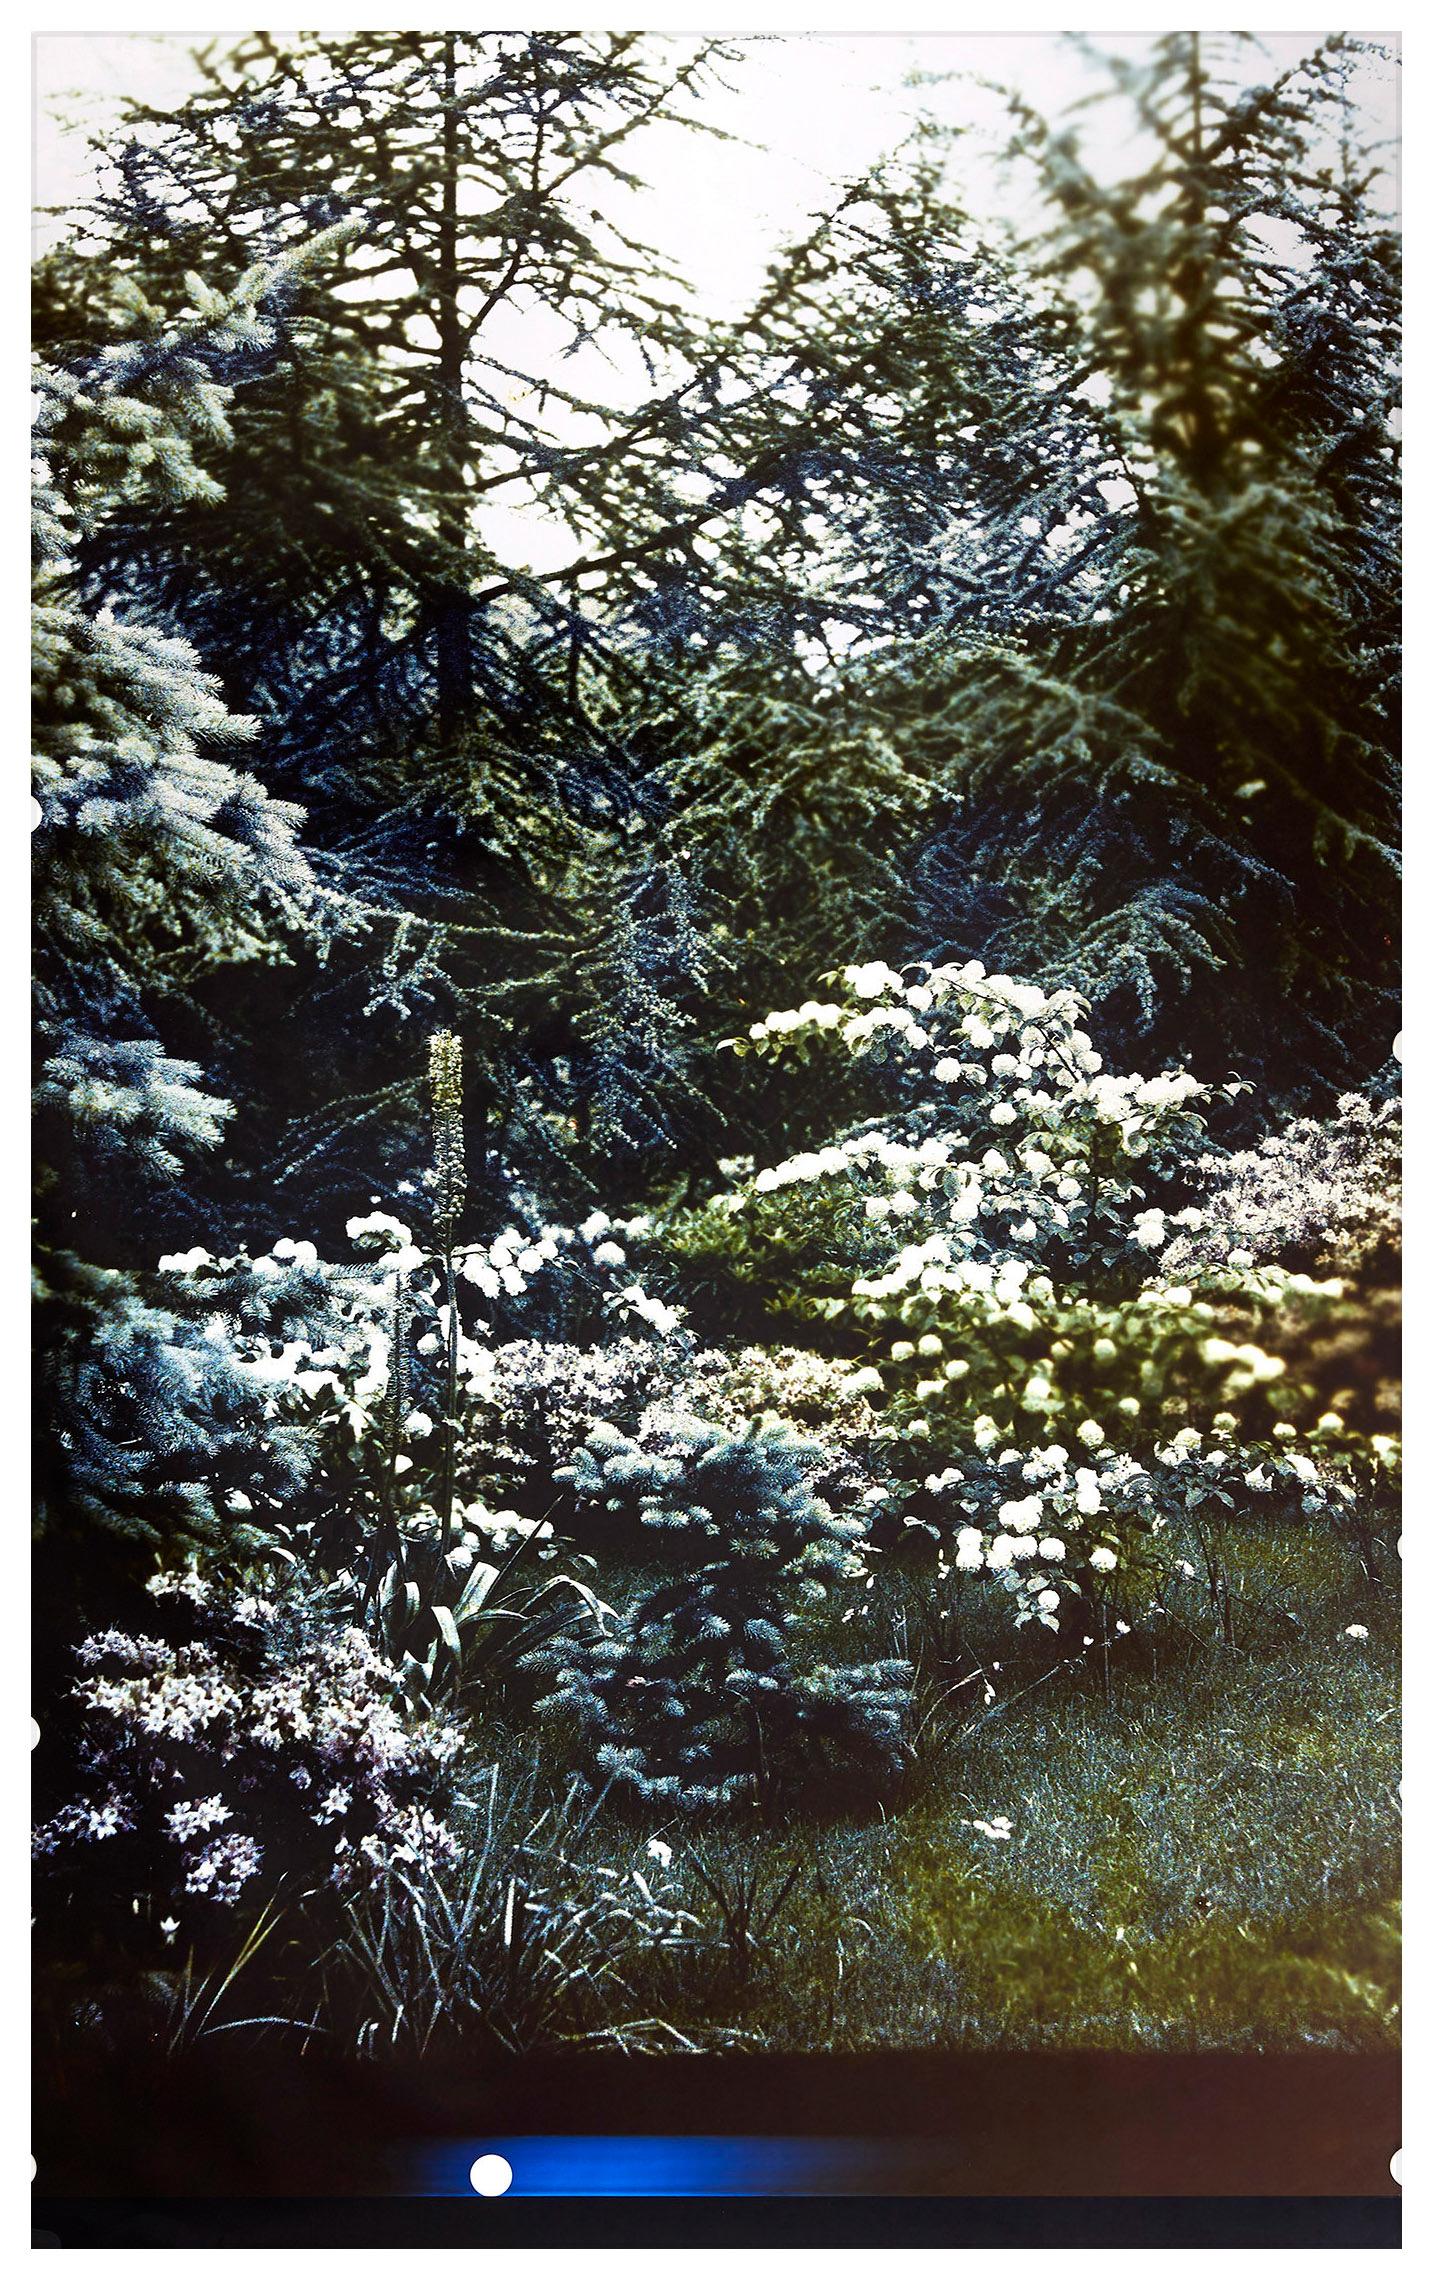 série Jardin secret, 2019, courtesy Galerie Binome